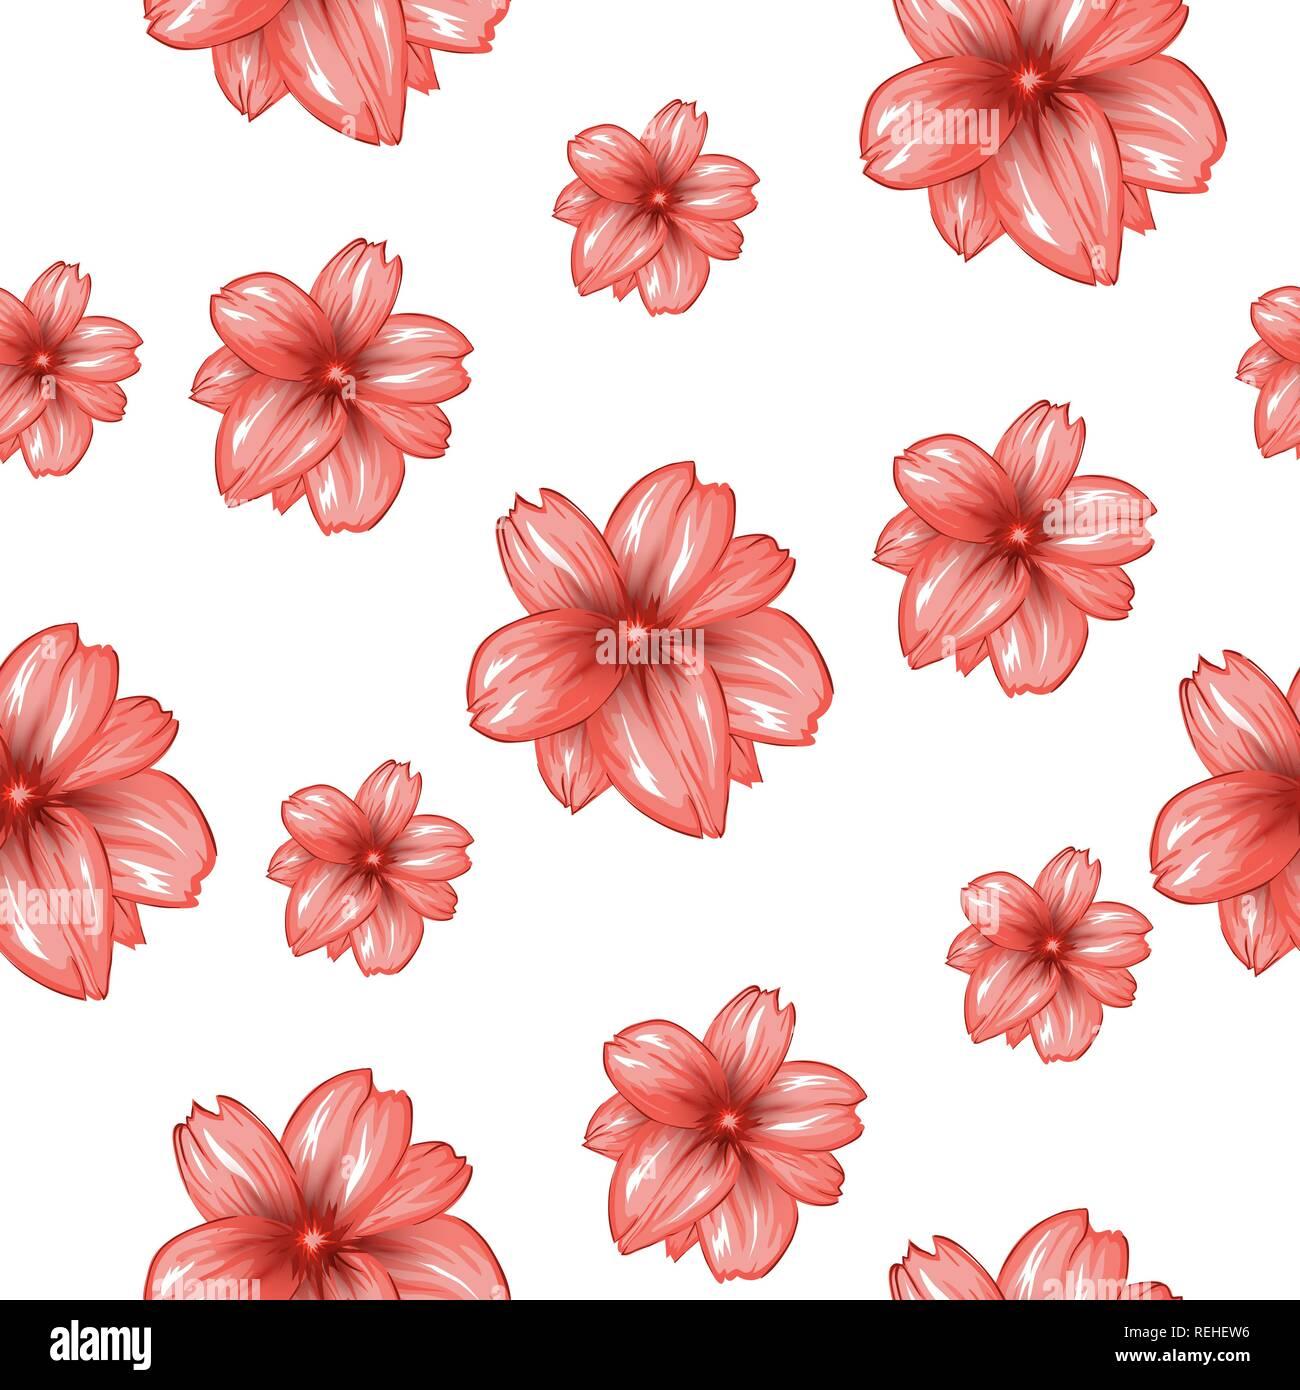 Modello Senza Cuciture Con Fiori Di Colore Rosa Su Sfondo Bianco